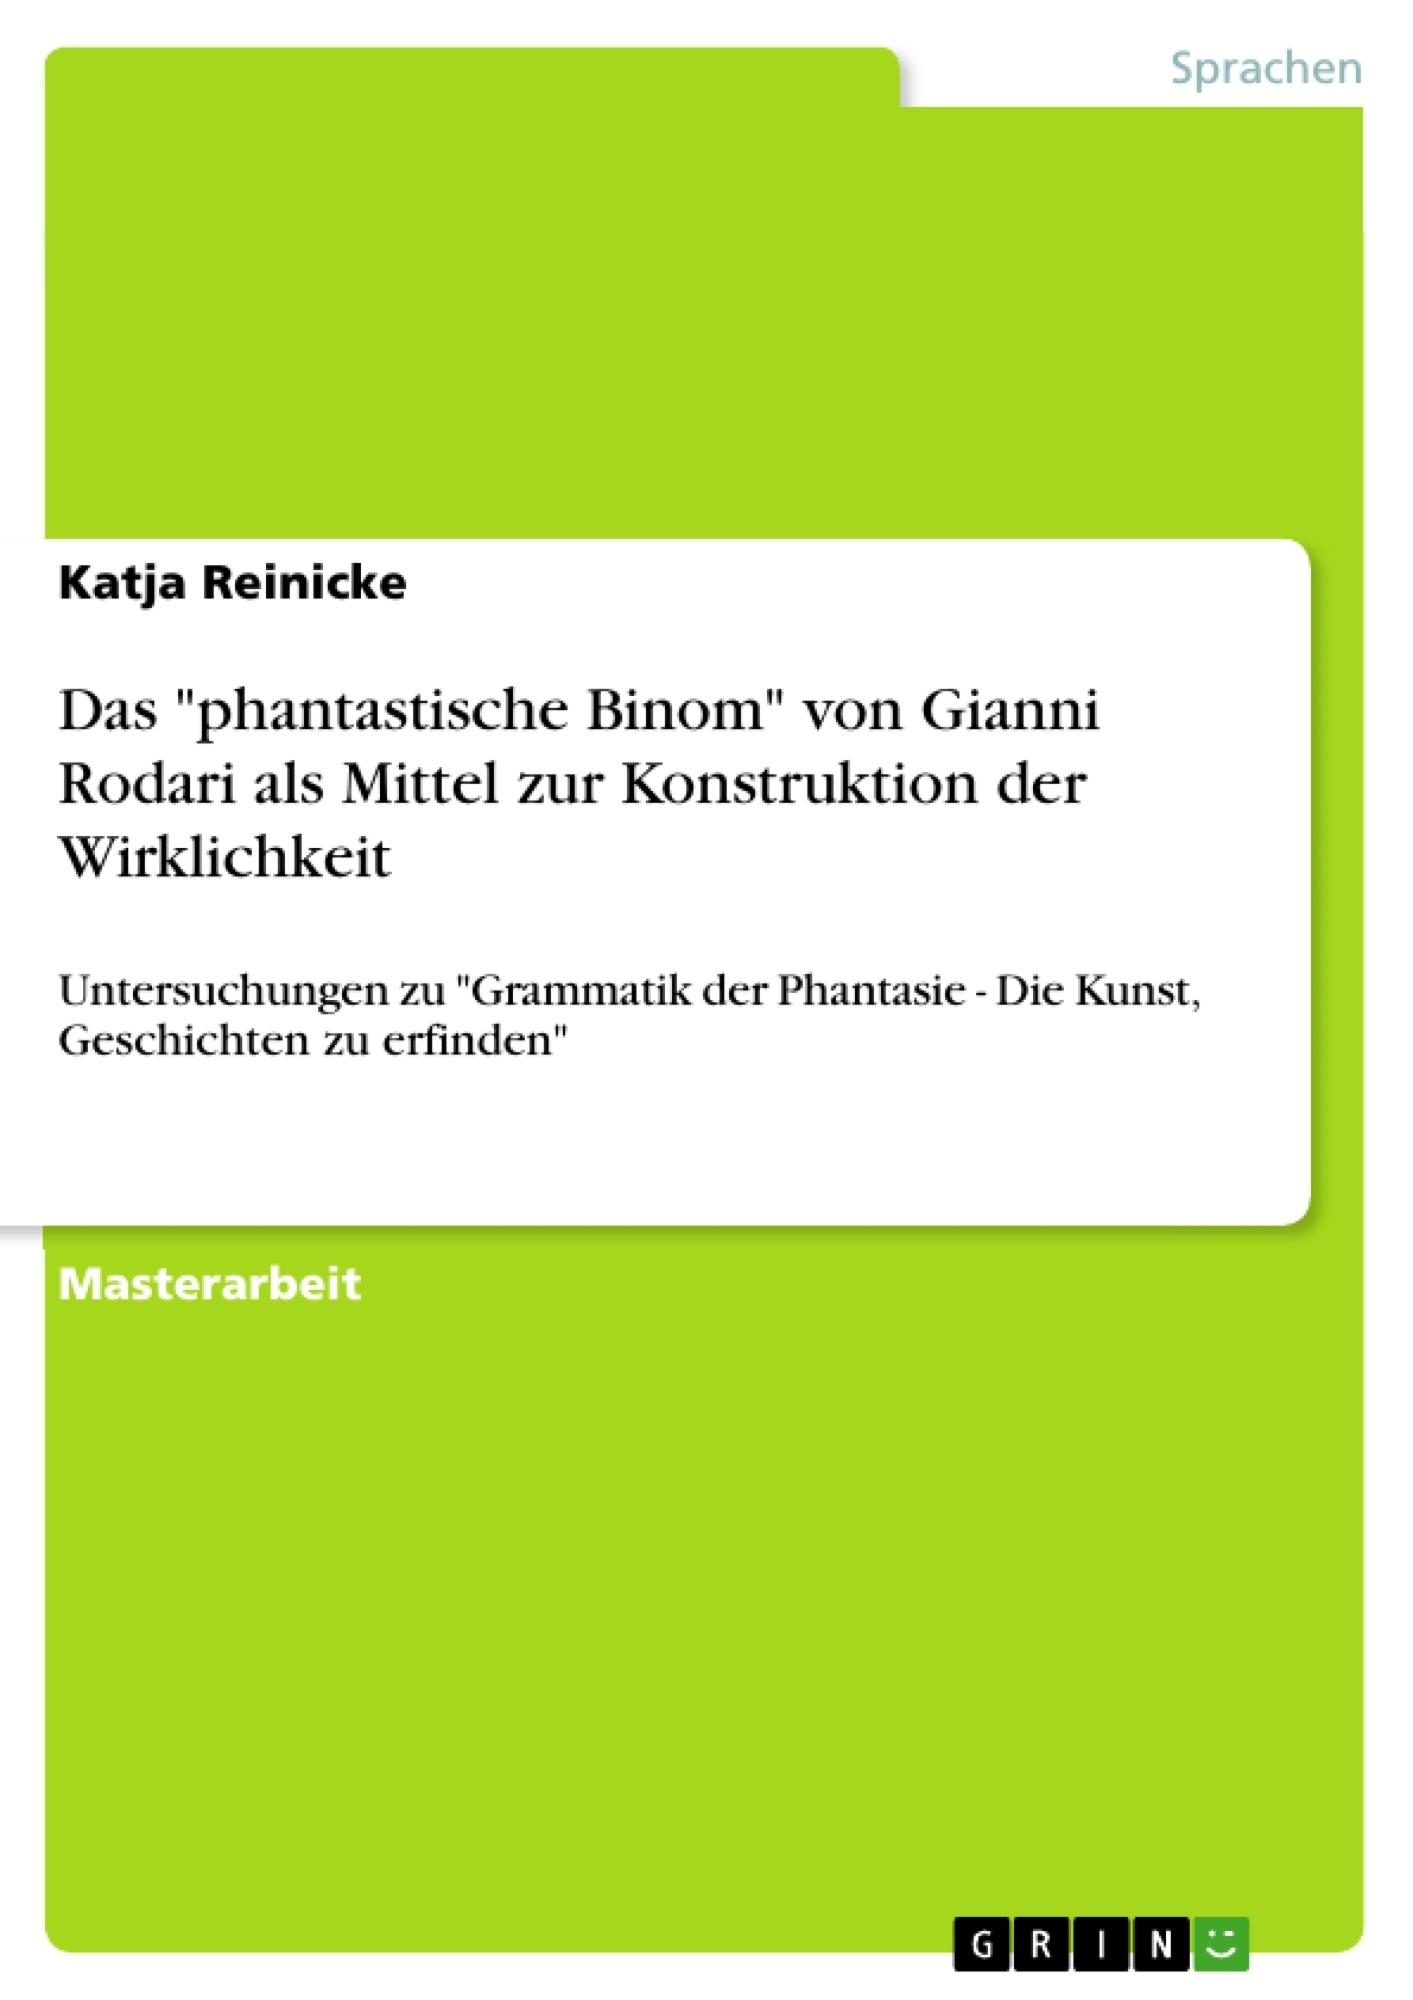 Charmant Buchrezensionsvorlage Ks1 Fotos - Entry Level Resume ...